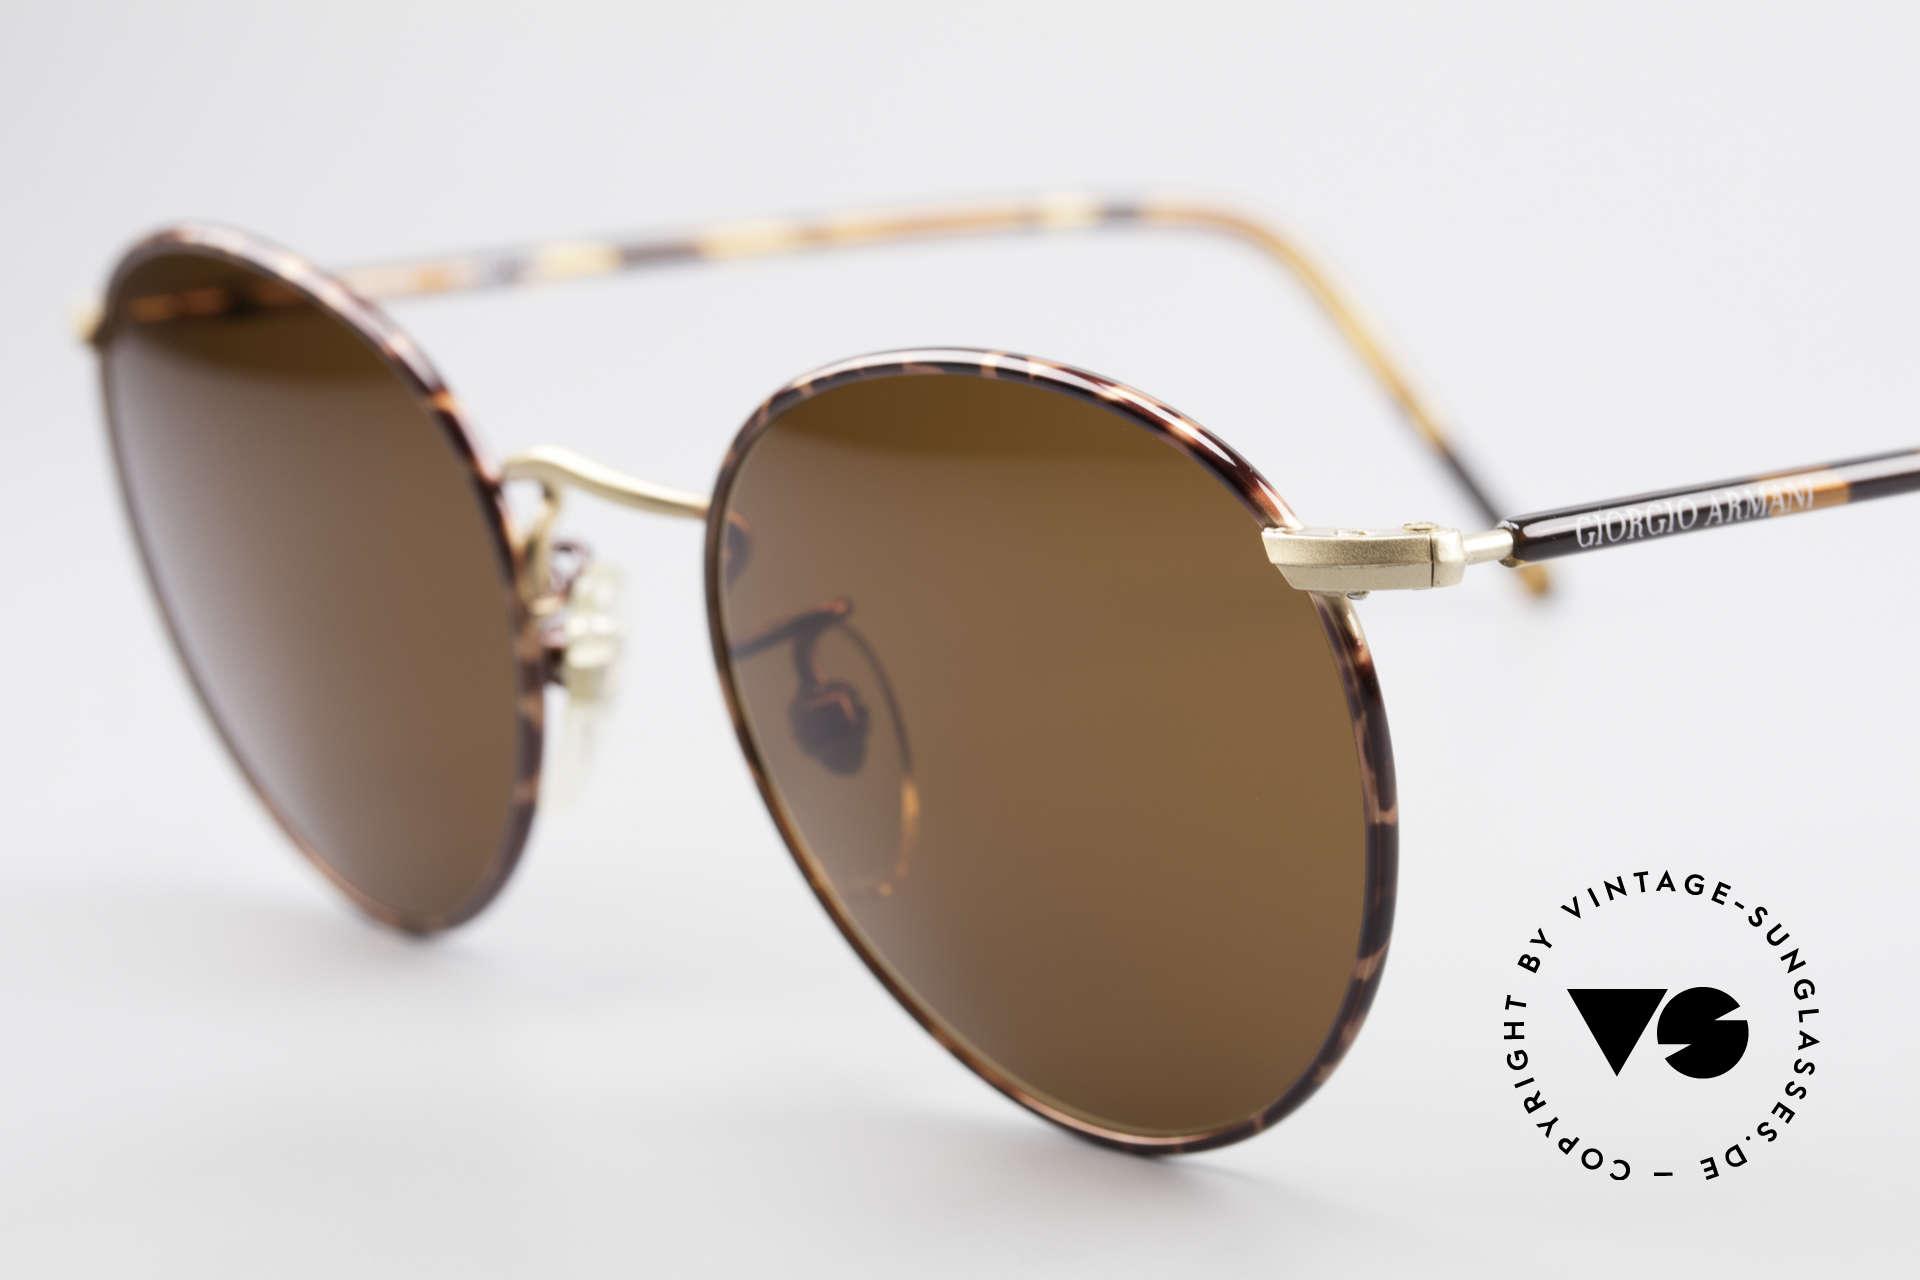 Giorgio Armani 138 Panto Vintage Sonnenbrille, fast schon ein 'intellektuelles / spirituellen' Design, Passend für Herren